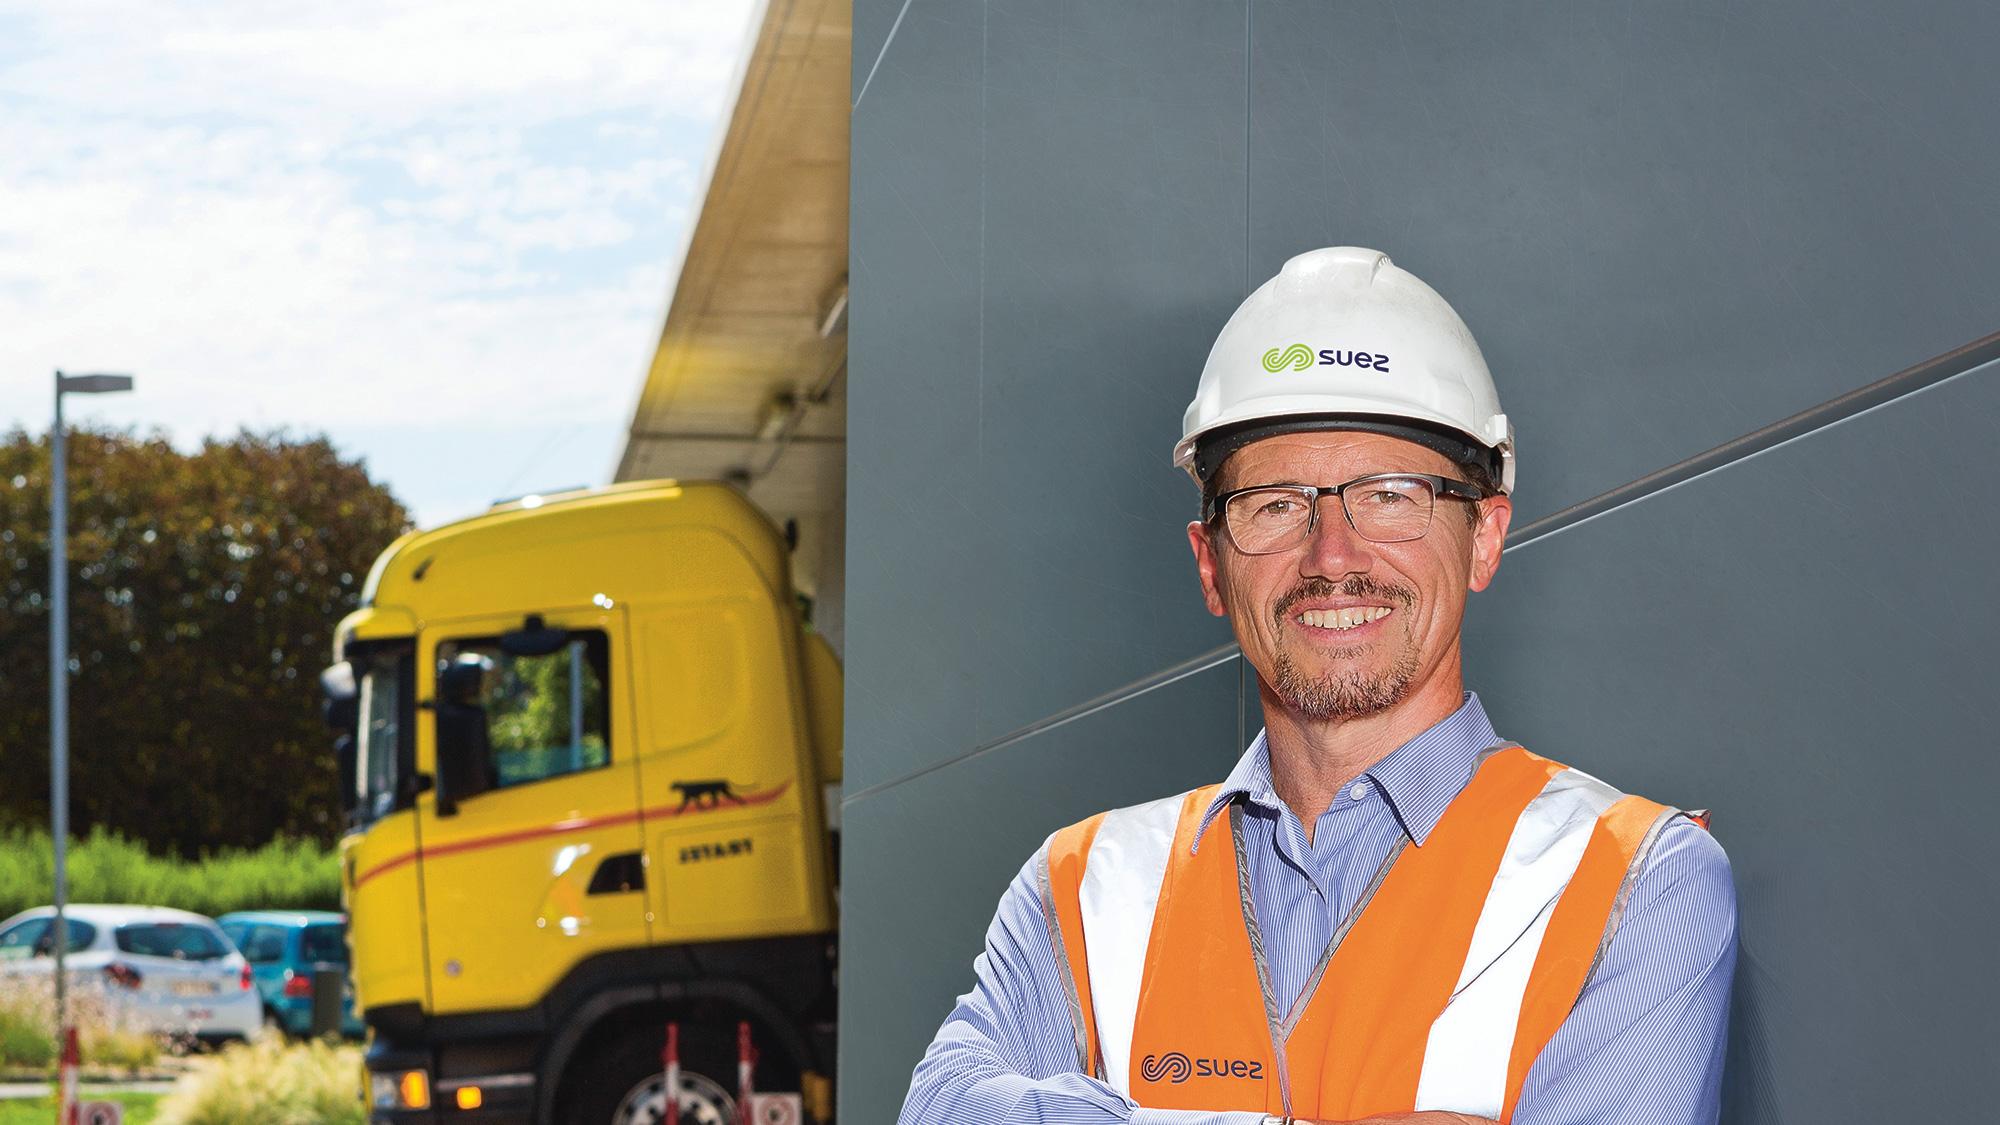 SUEZ businesses total waste service focus 2000x1125